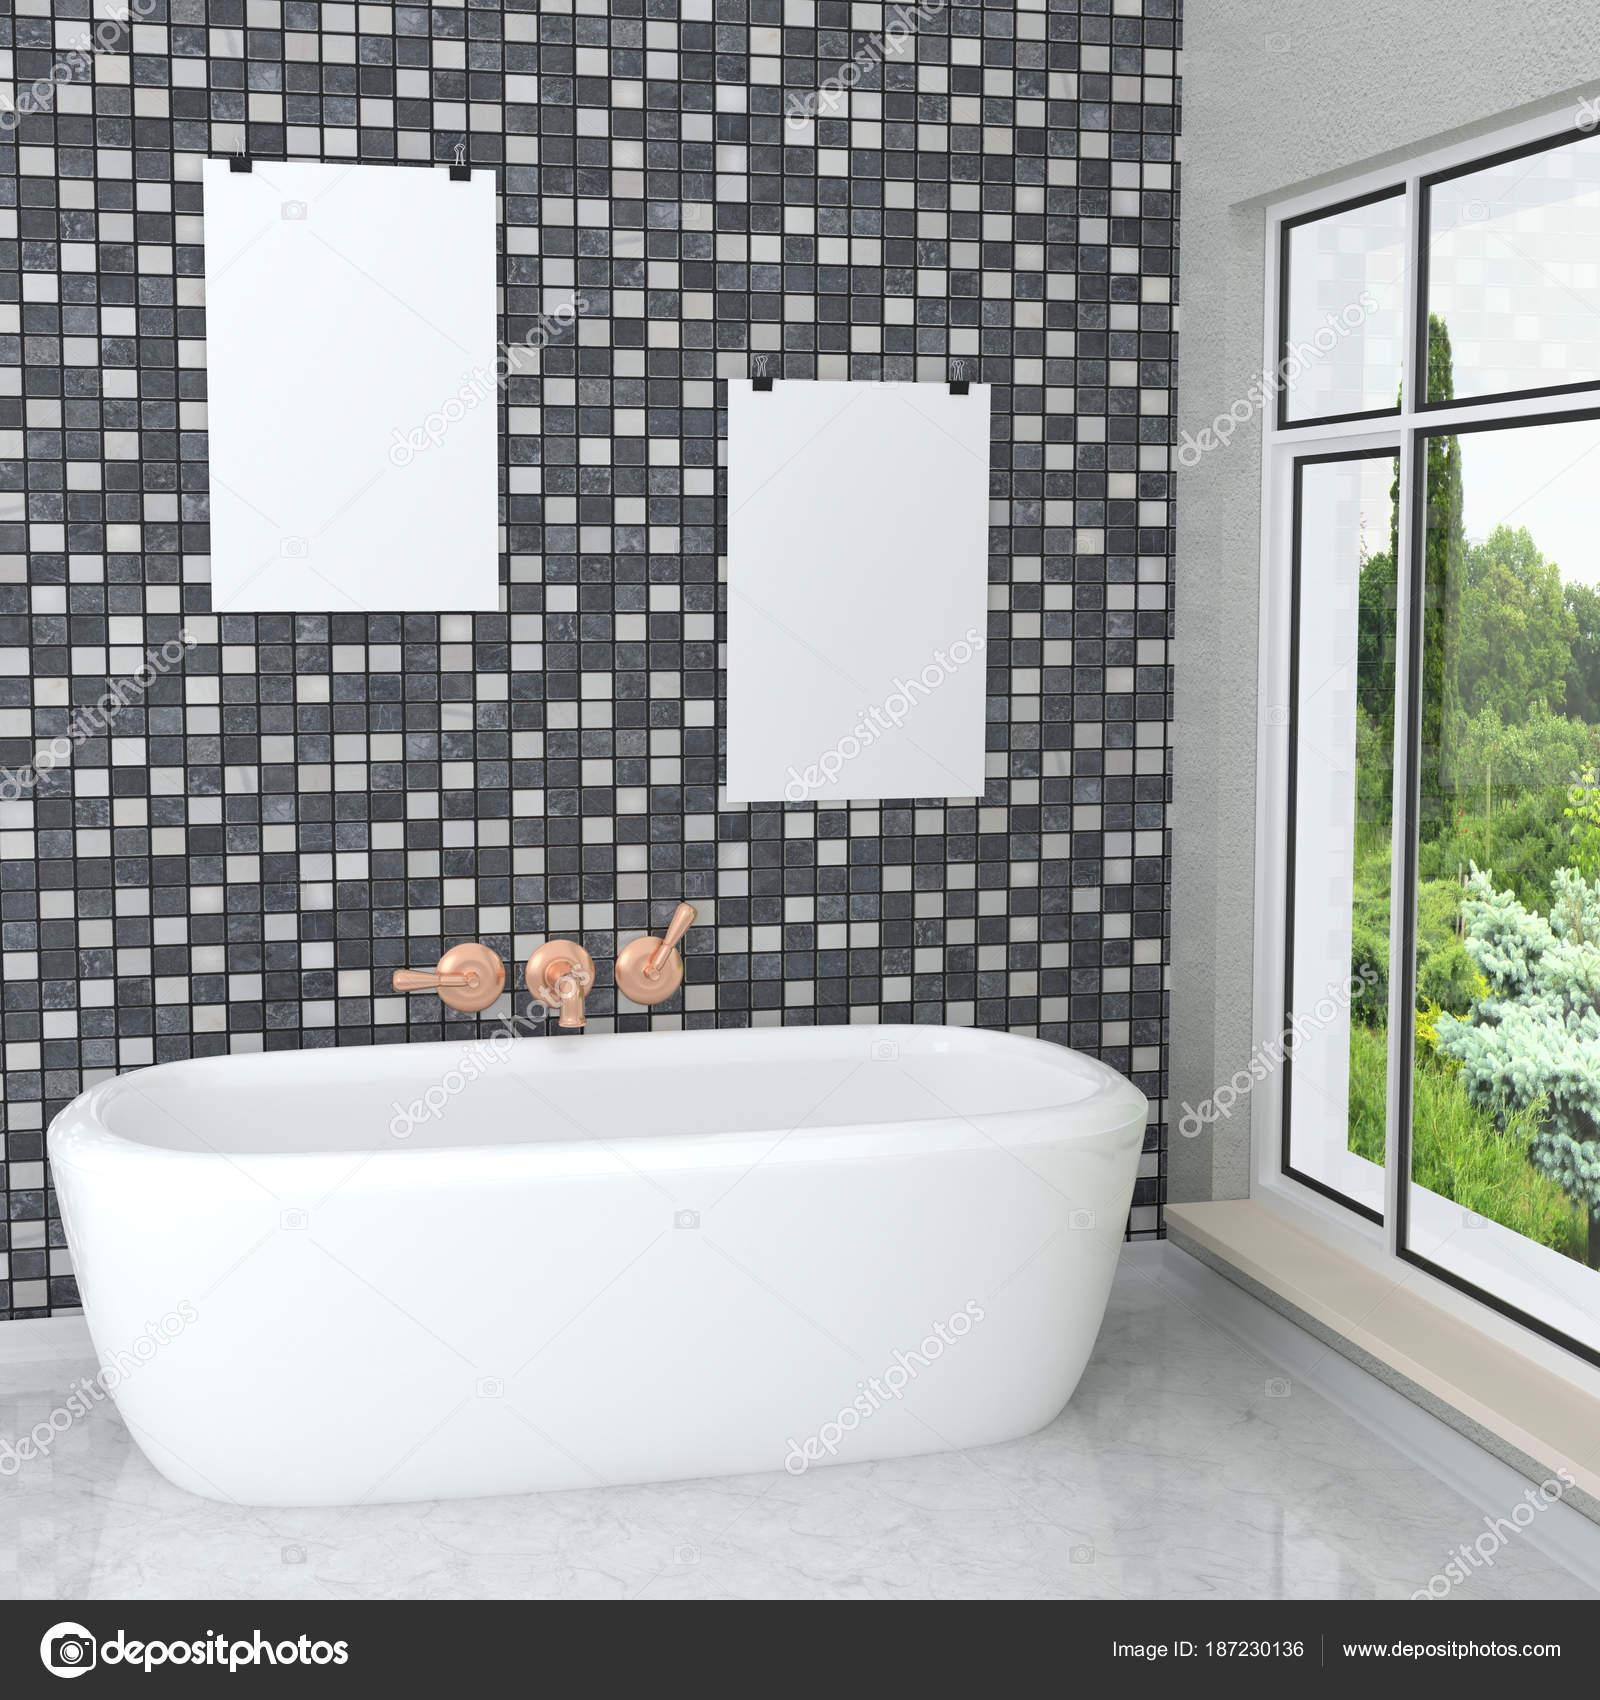 Blanc Moderne Salle De Bain Luxueuse Dans La Salle De Bain Avec